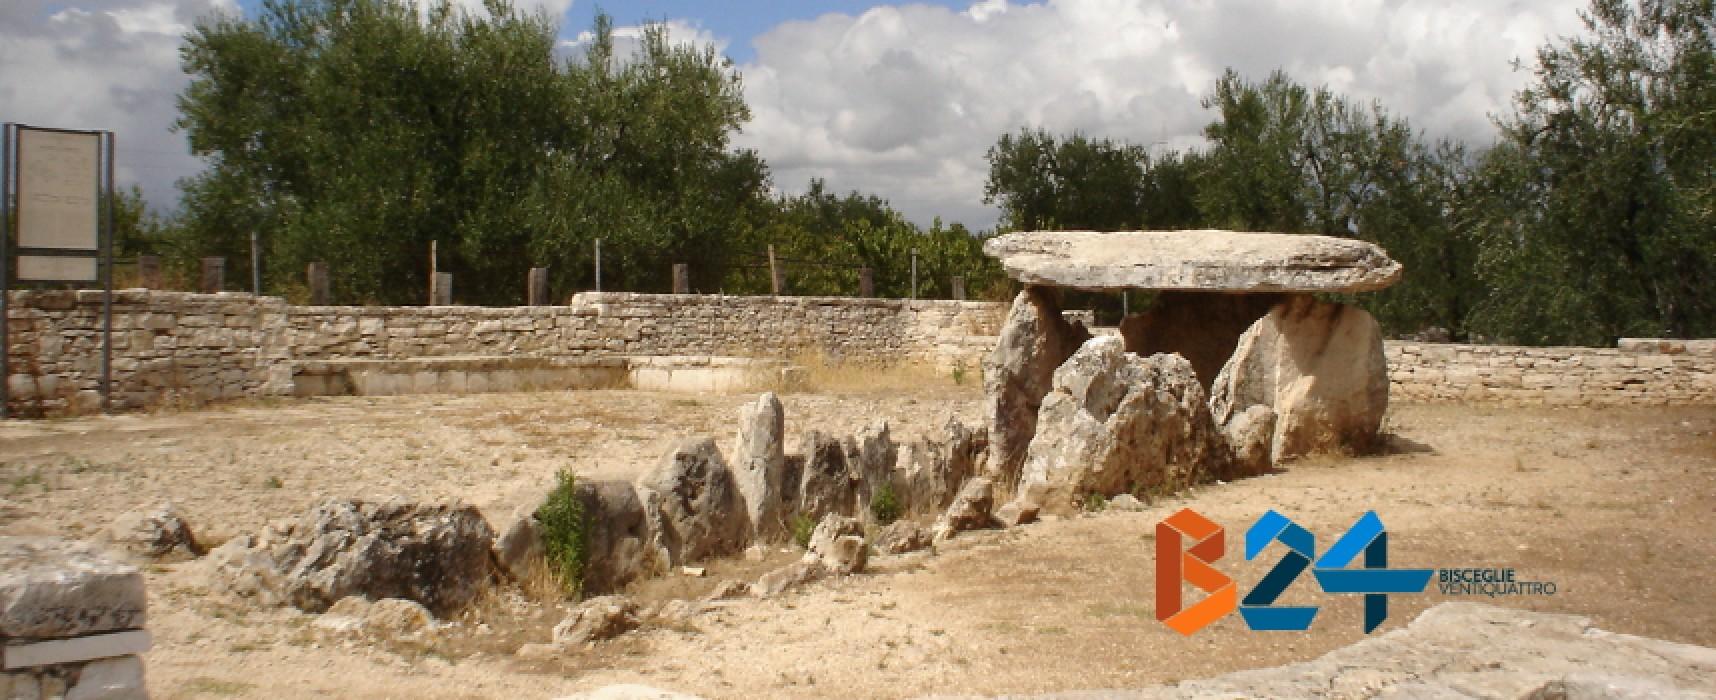 """Comune firma protocollo di intesa con Unesco e Rotary Club per valorizzazione Dolmen """"La Chianca"""""""